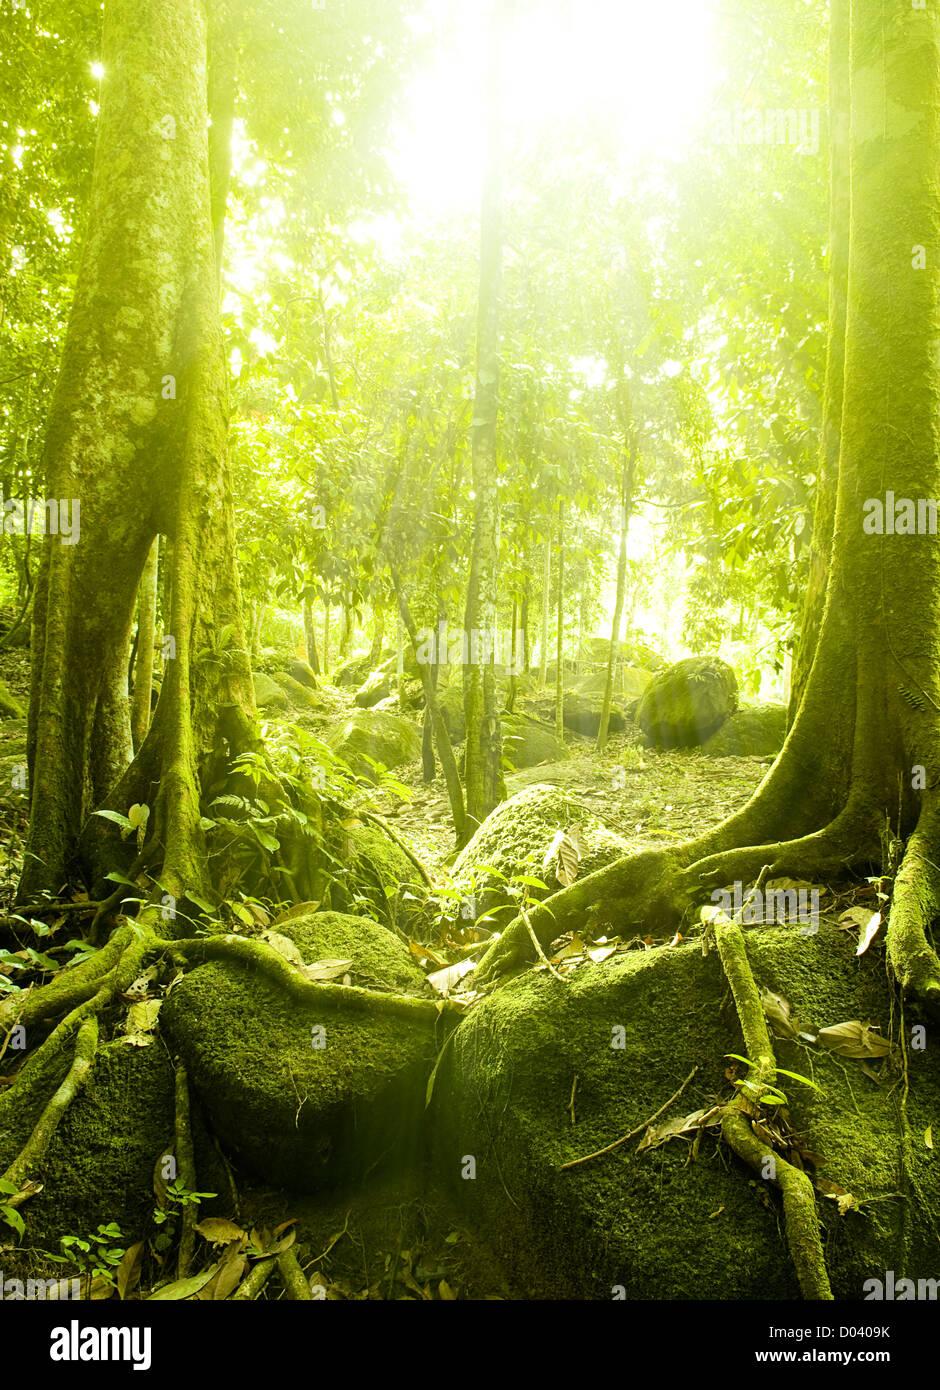 Vert forêt avec rayon de lumière Photo Stock